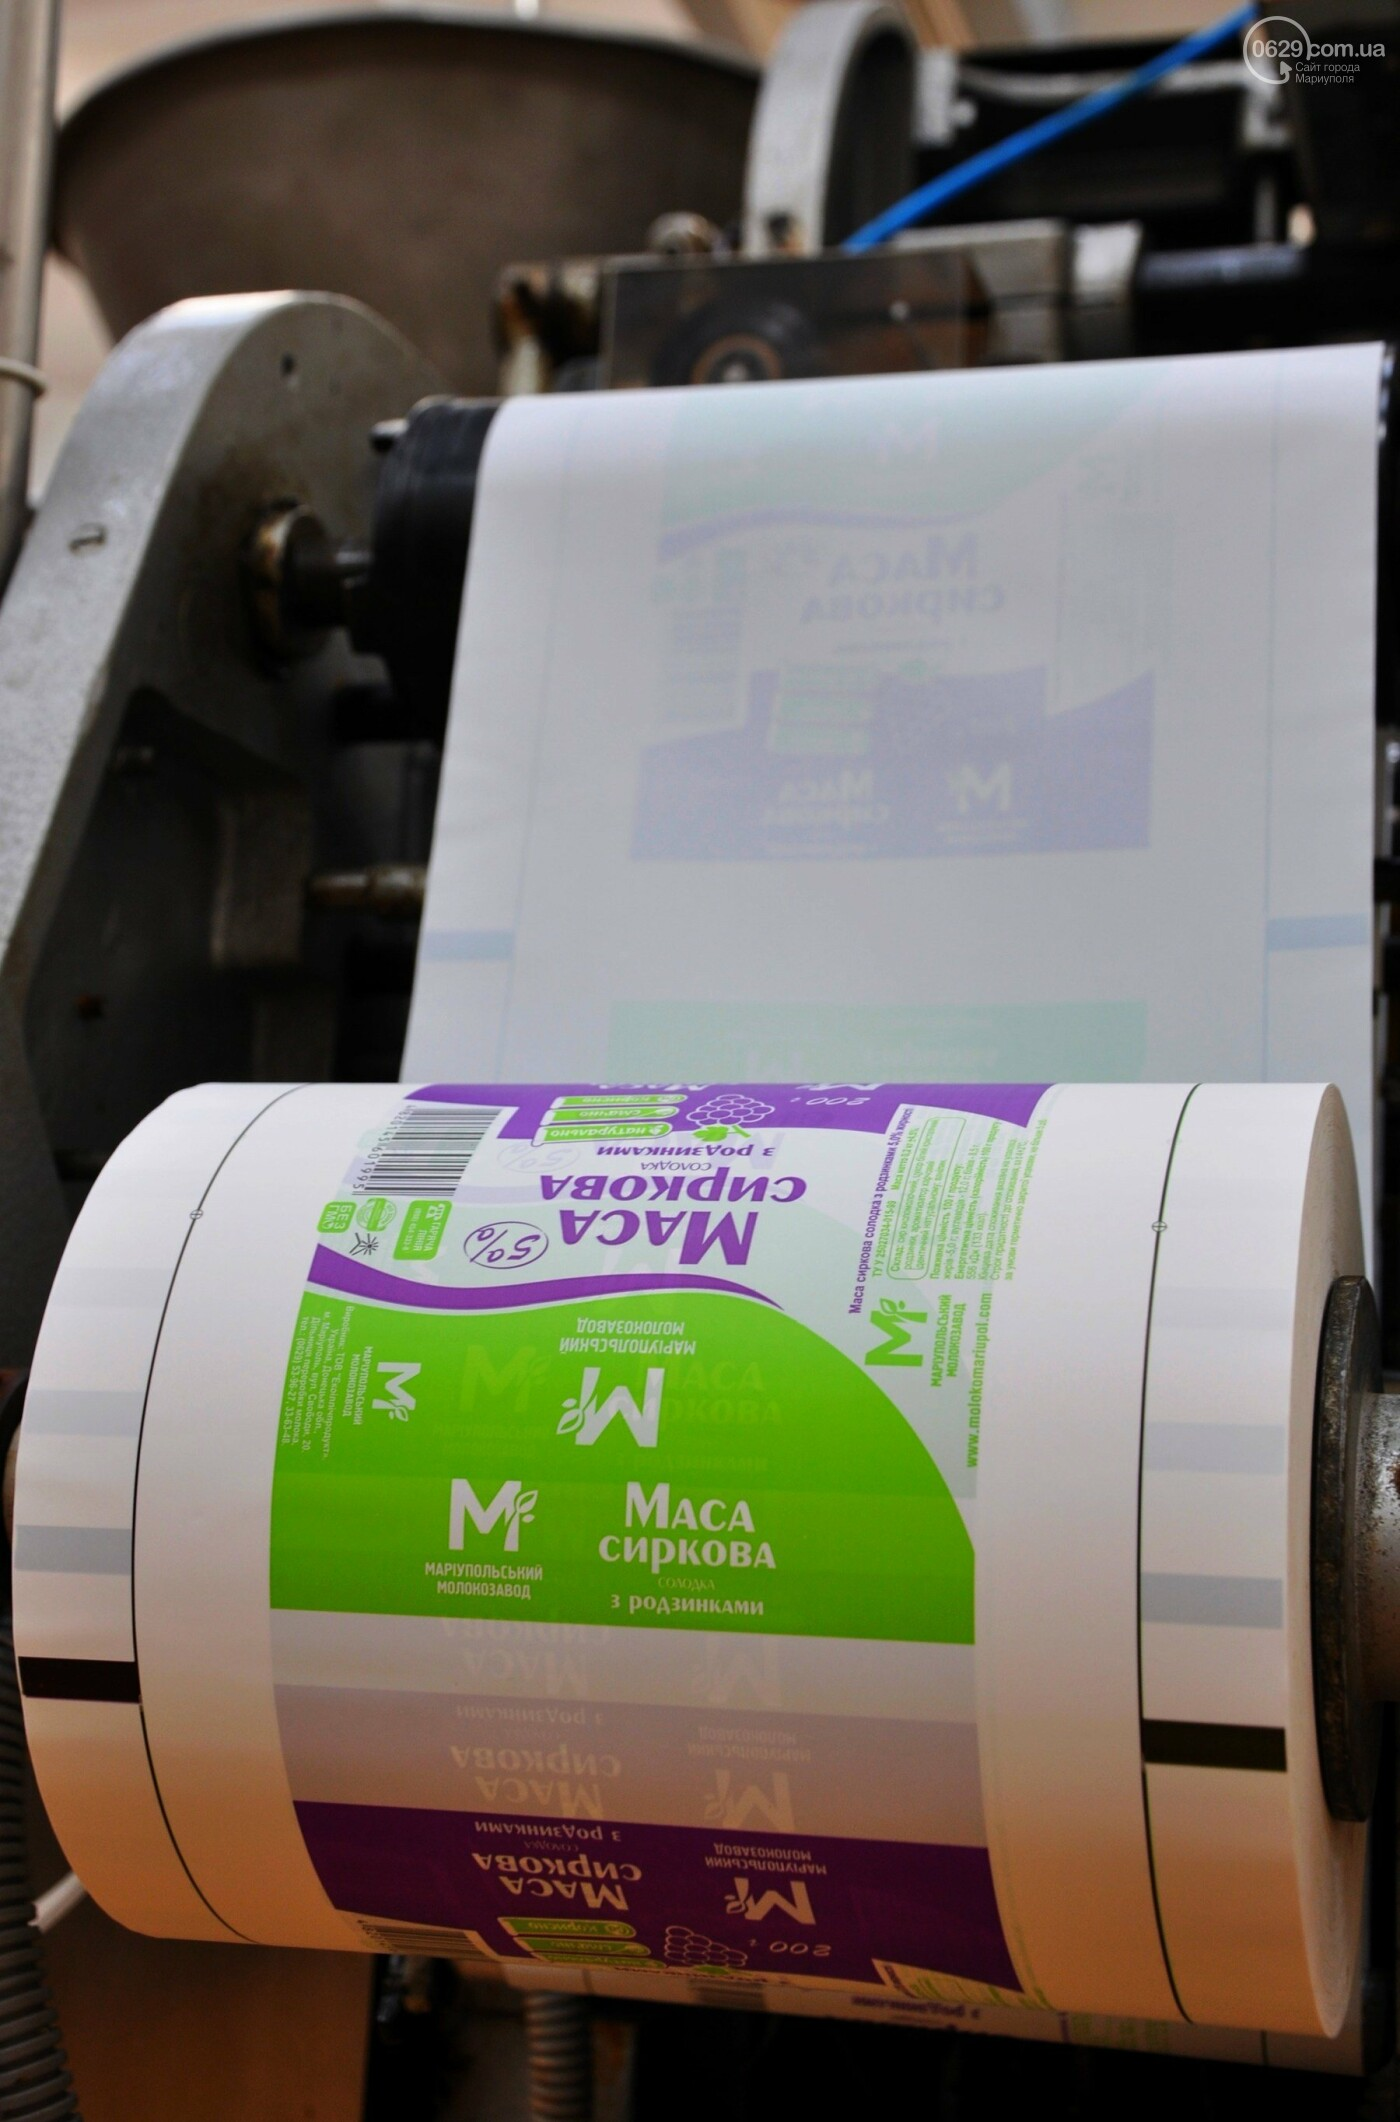 Юрий Тернавский: «Мариупольский молокозавод может напоить молоком каждого жителя Мариуполя и Приазовья», фото-69